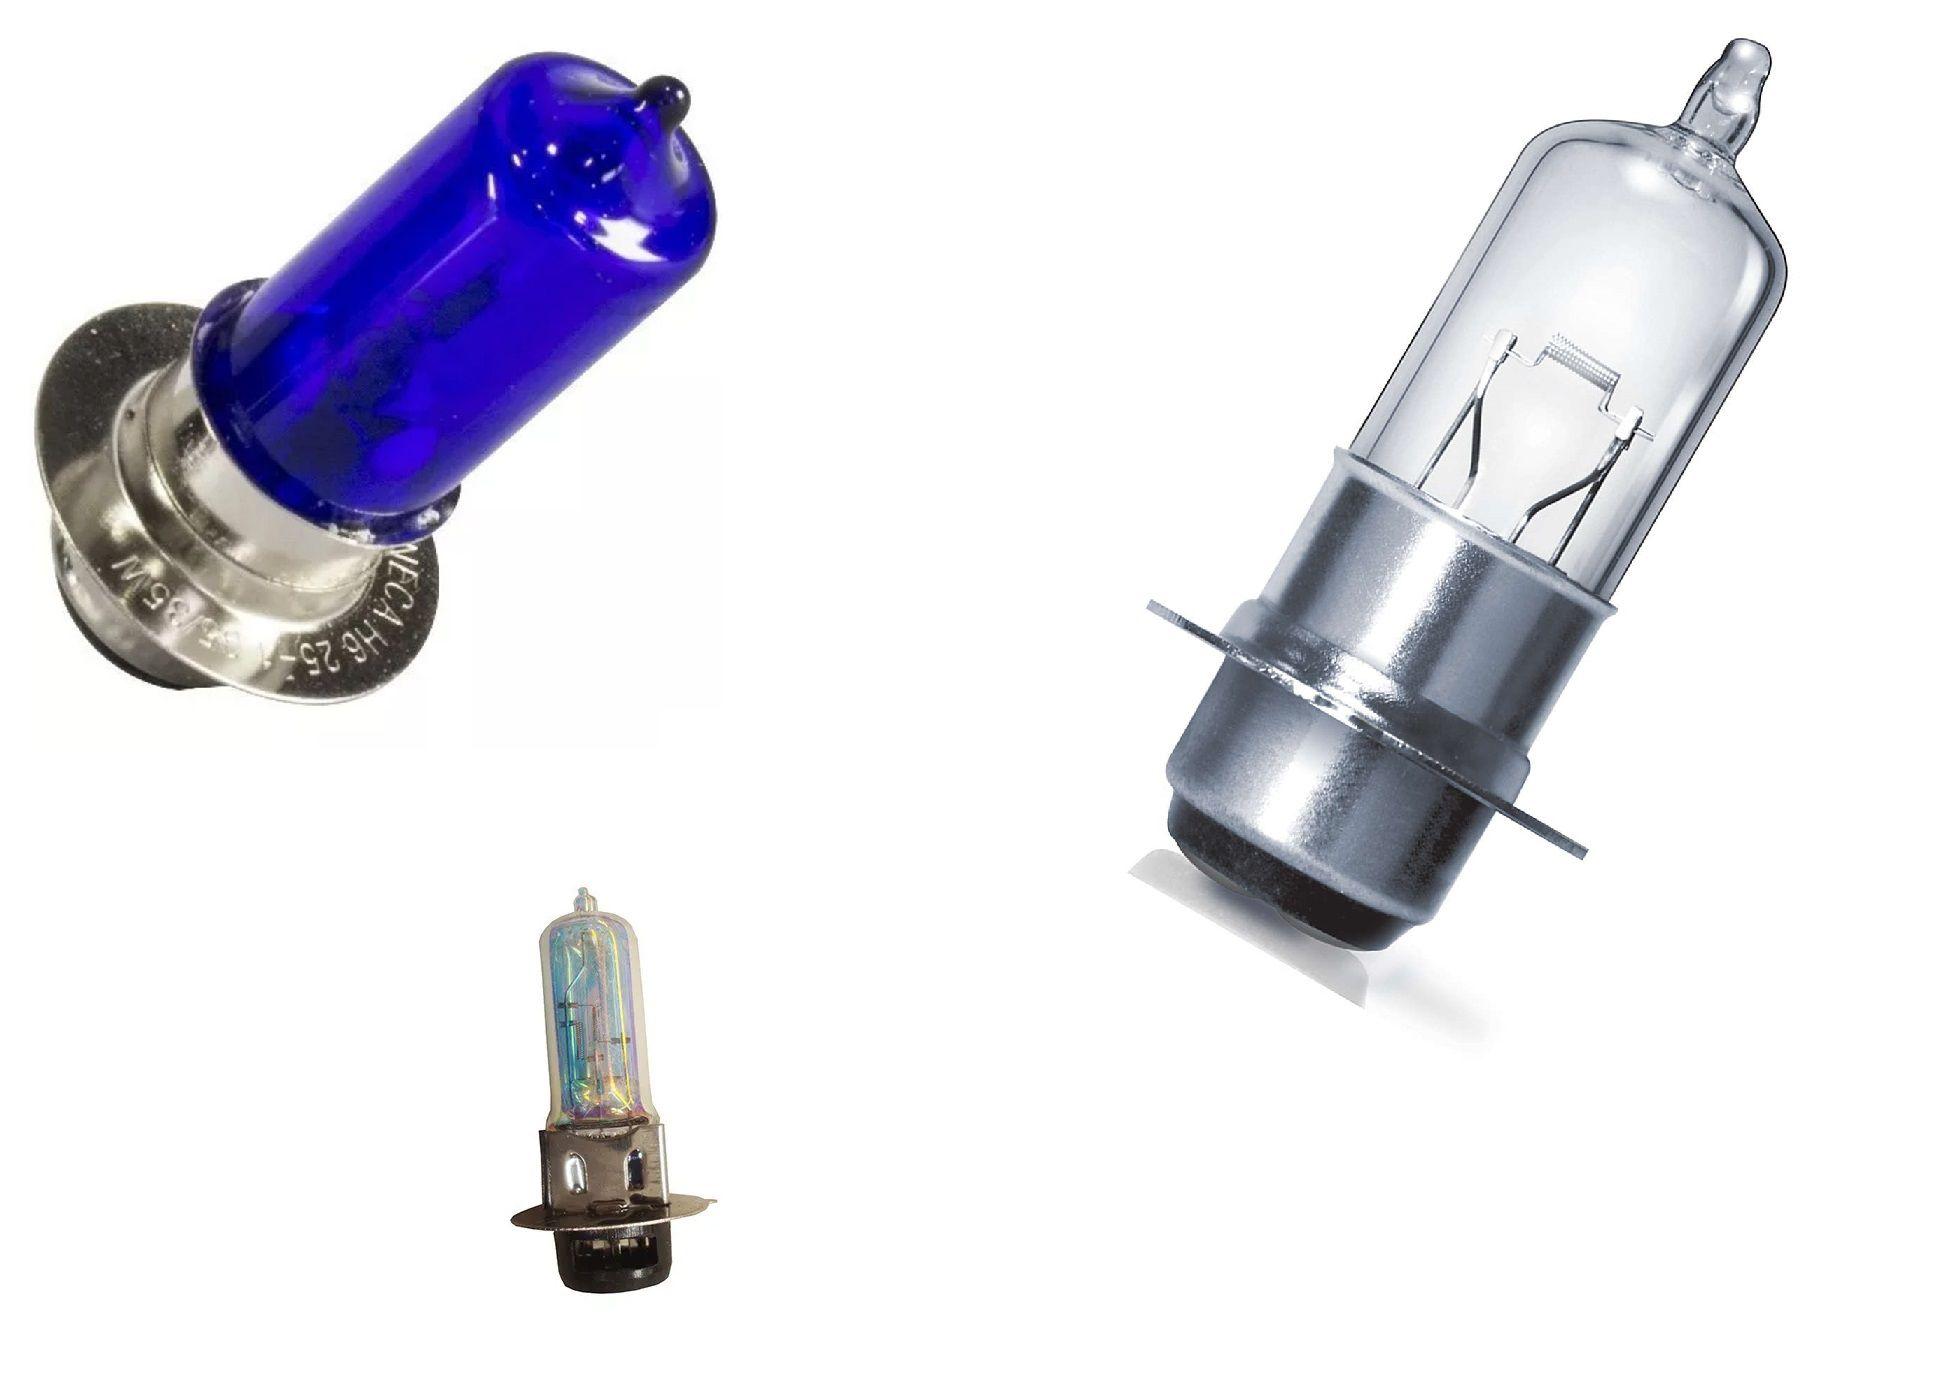 Lampada Farol M5 12v 35/35w Neo Crypton Biz 100 Biz 125 Bros 125 150